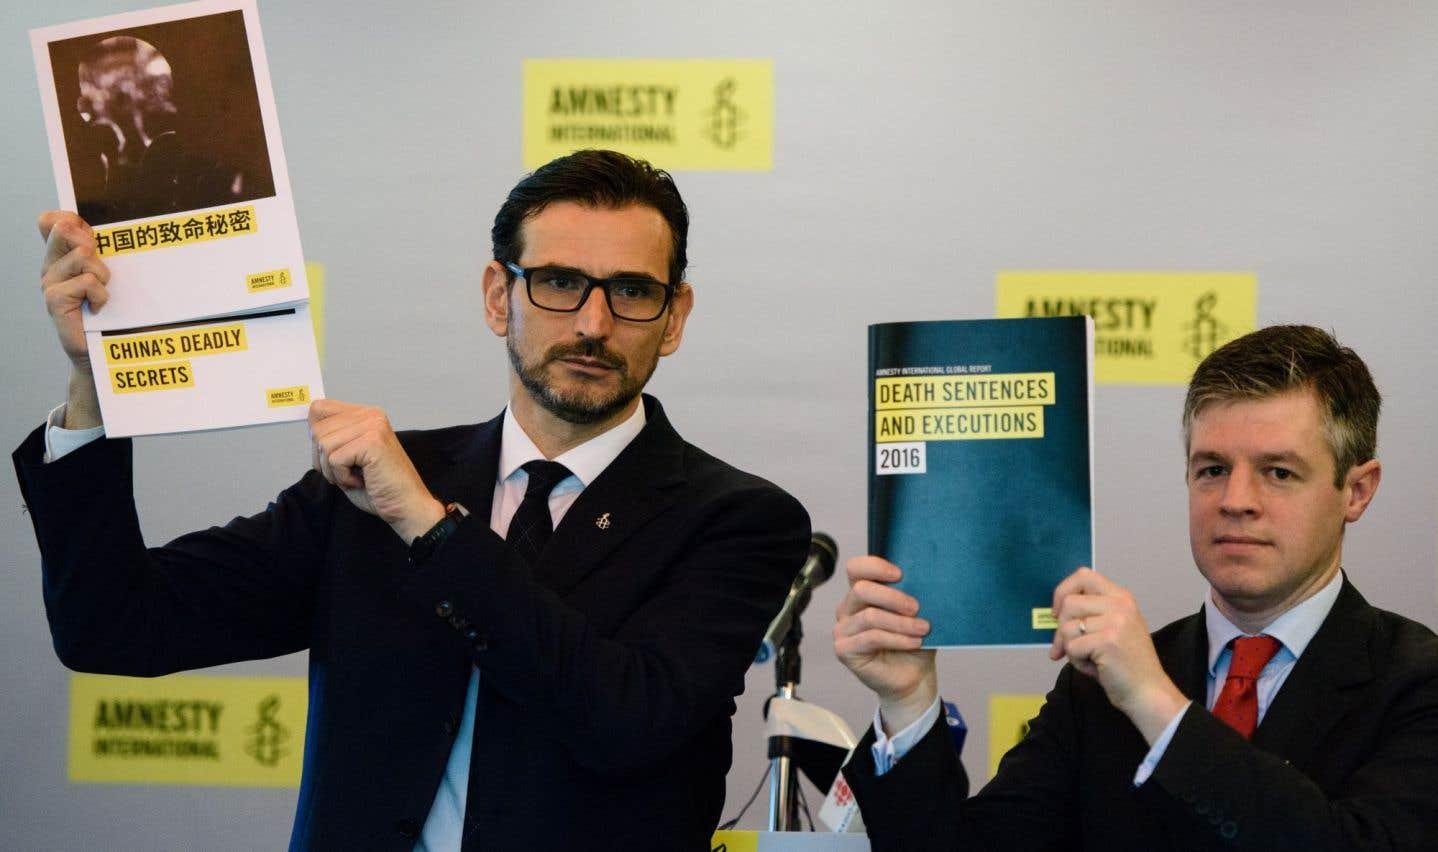 Les exécutions ont baissé de 37% dans le monde en 2016, selon Amnesty